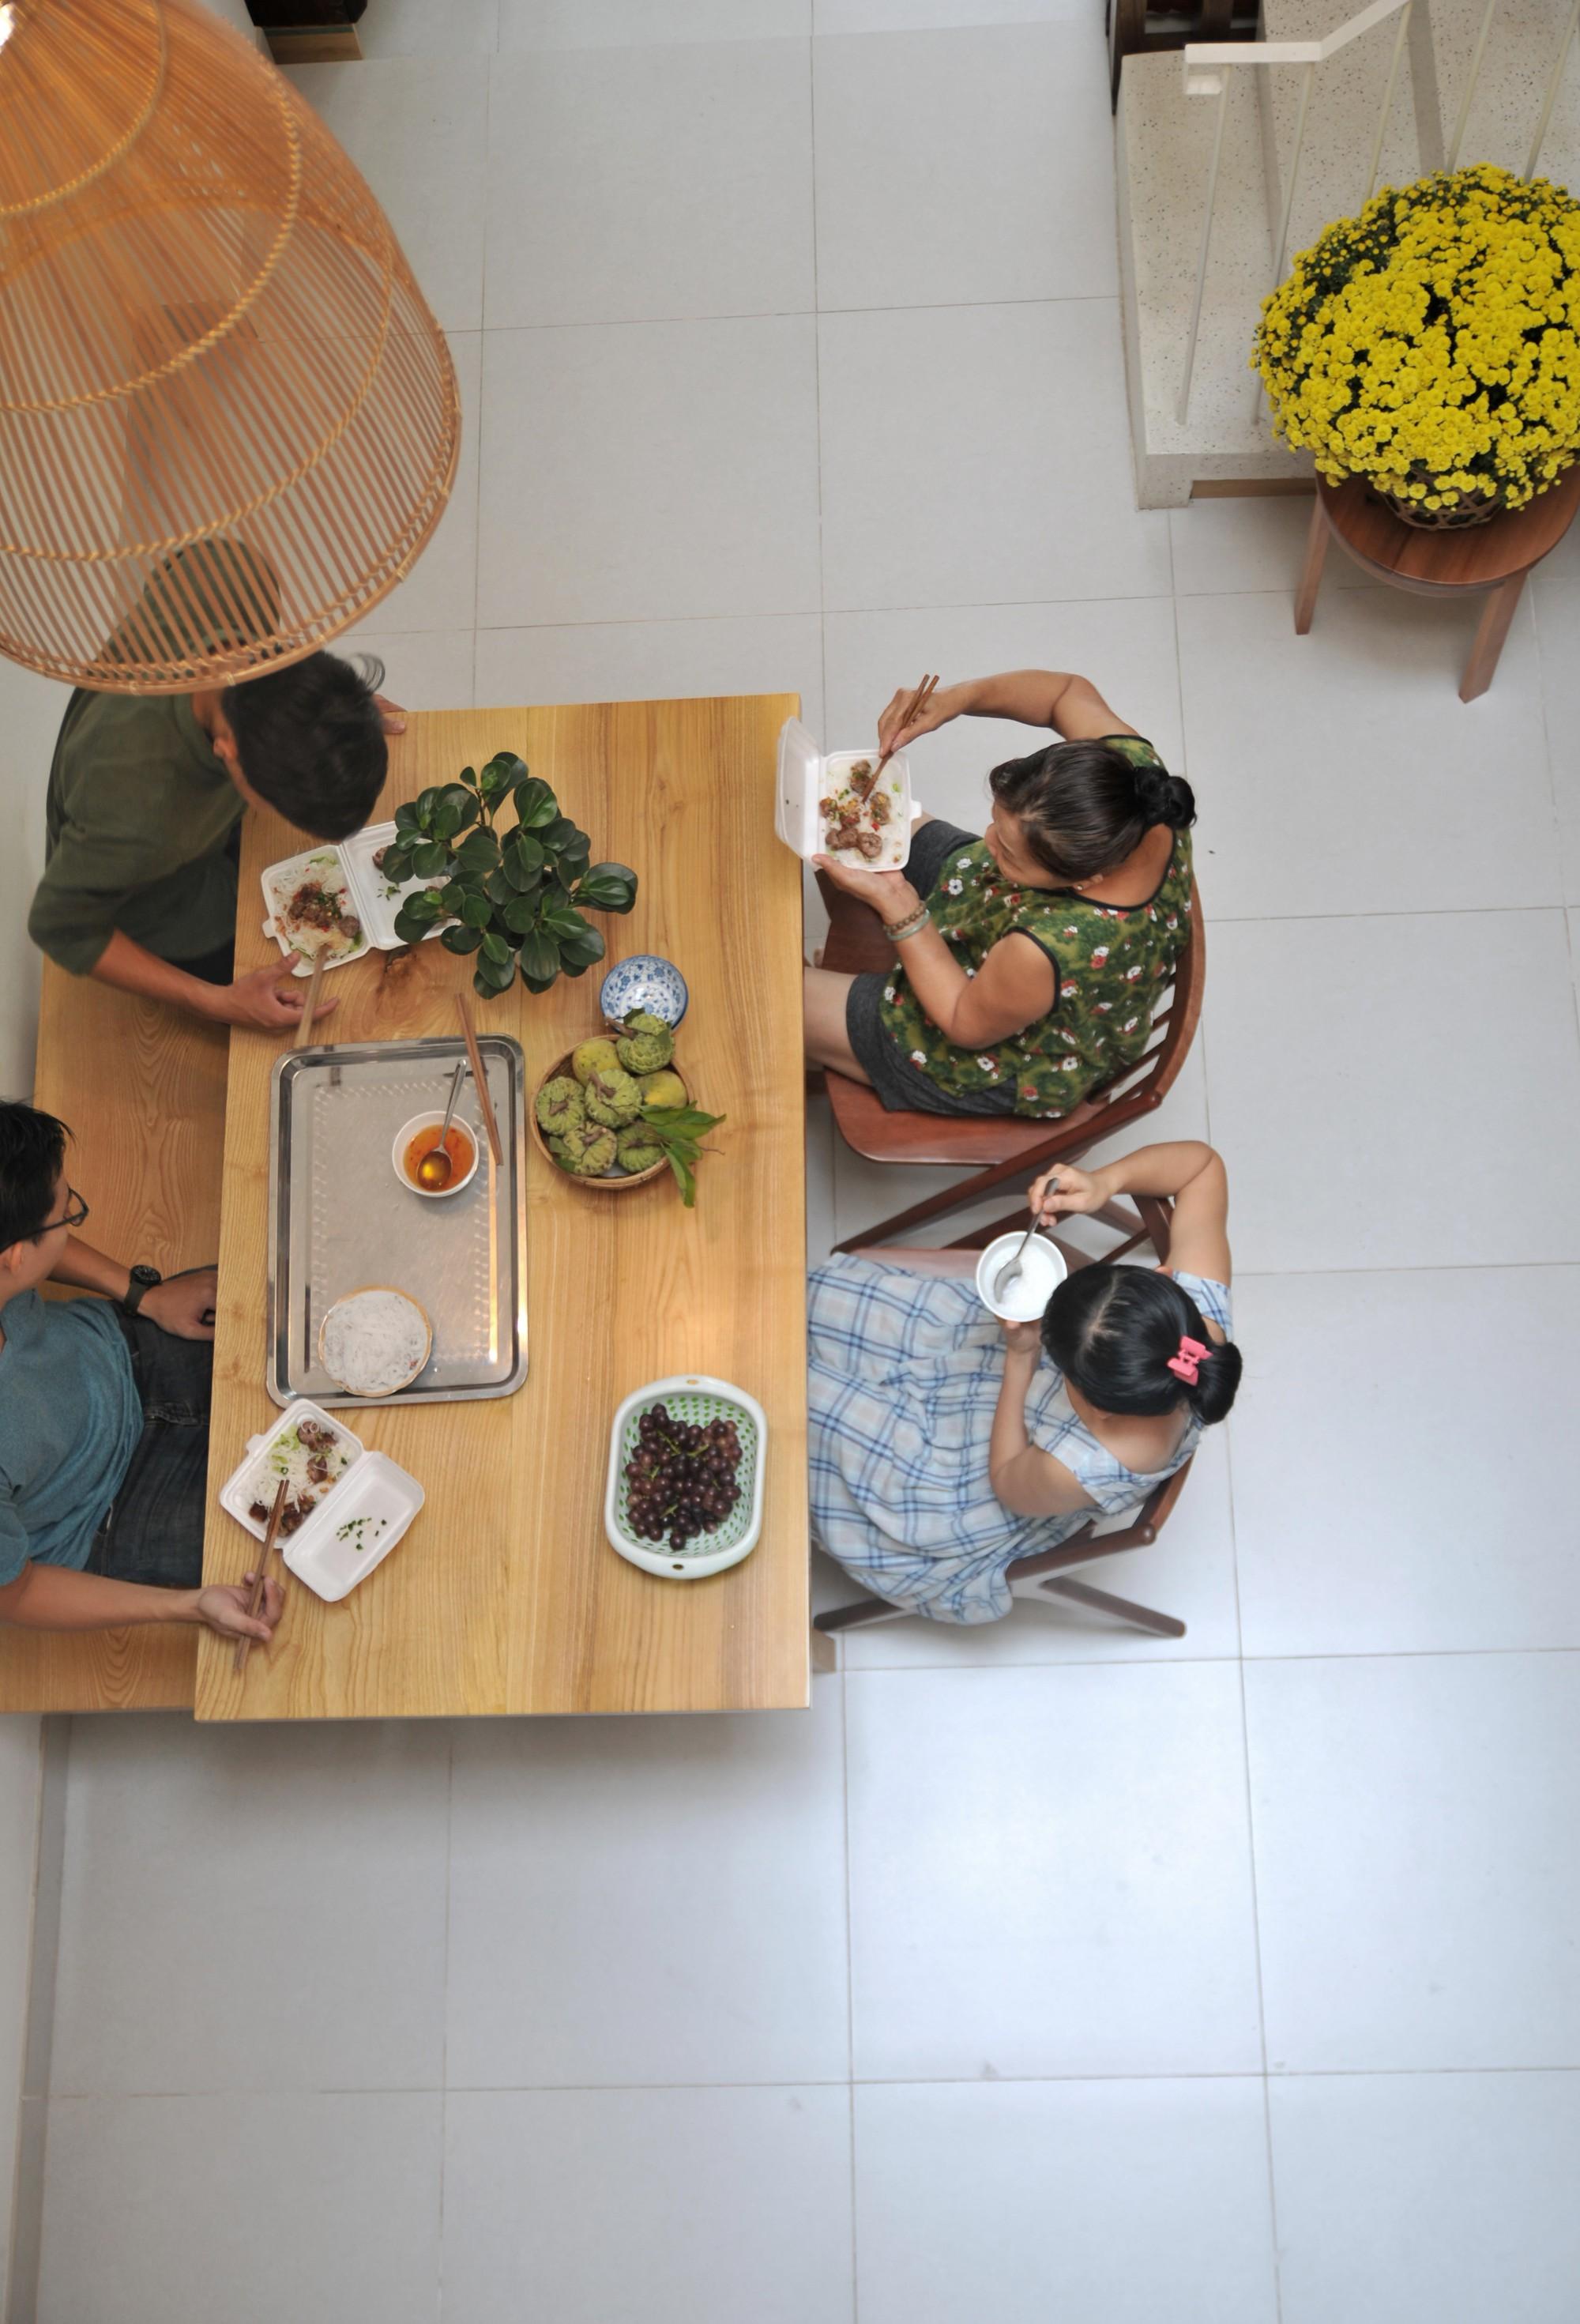 Câu chuyện về mảnh đất giá 10 ngàn rưỡi và ngôi nhà ống trong hẻm có thiết kế cực hợp lý ở Sài Gòn - Ảnh 5.